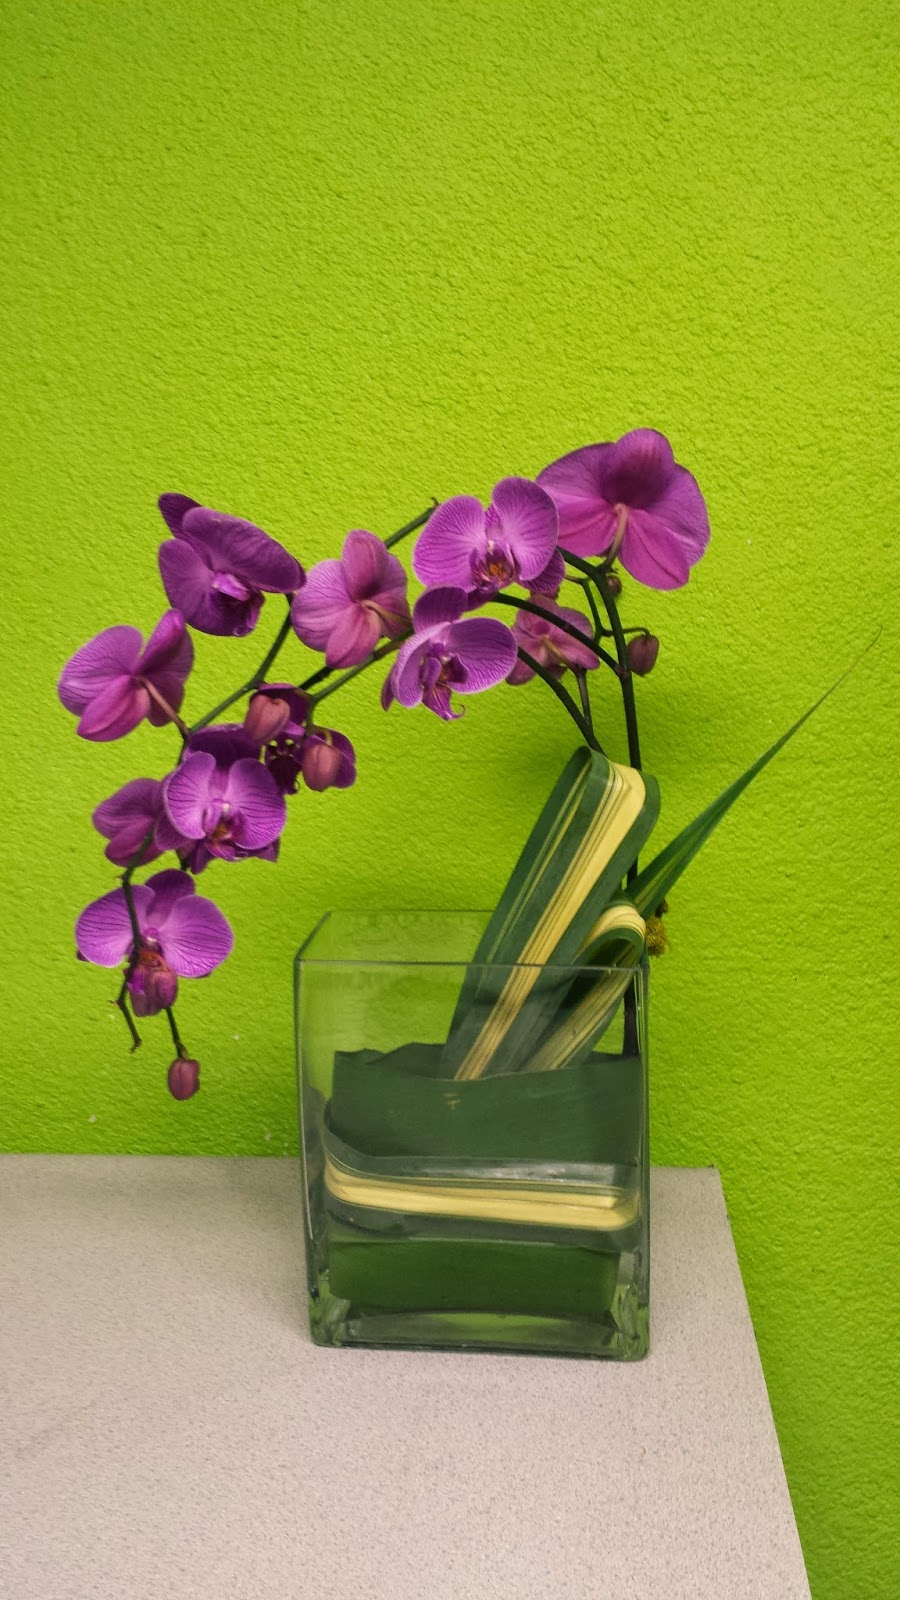 Image Result For Potted Flower Arrangements